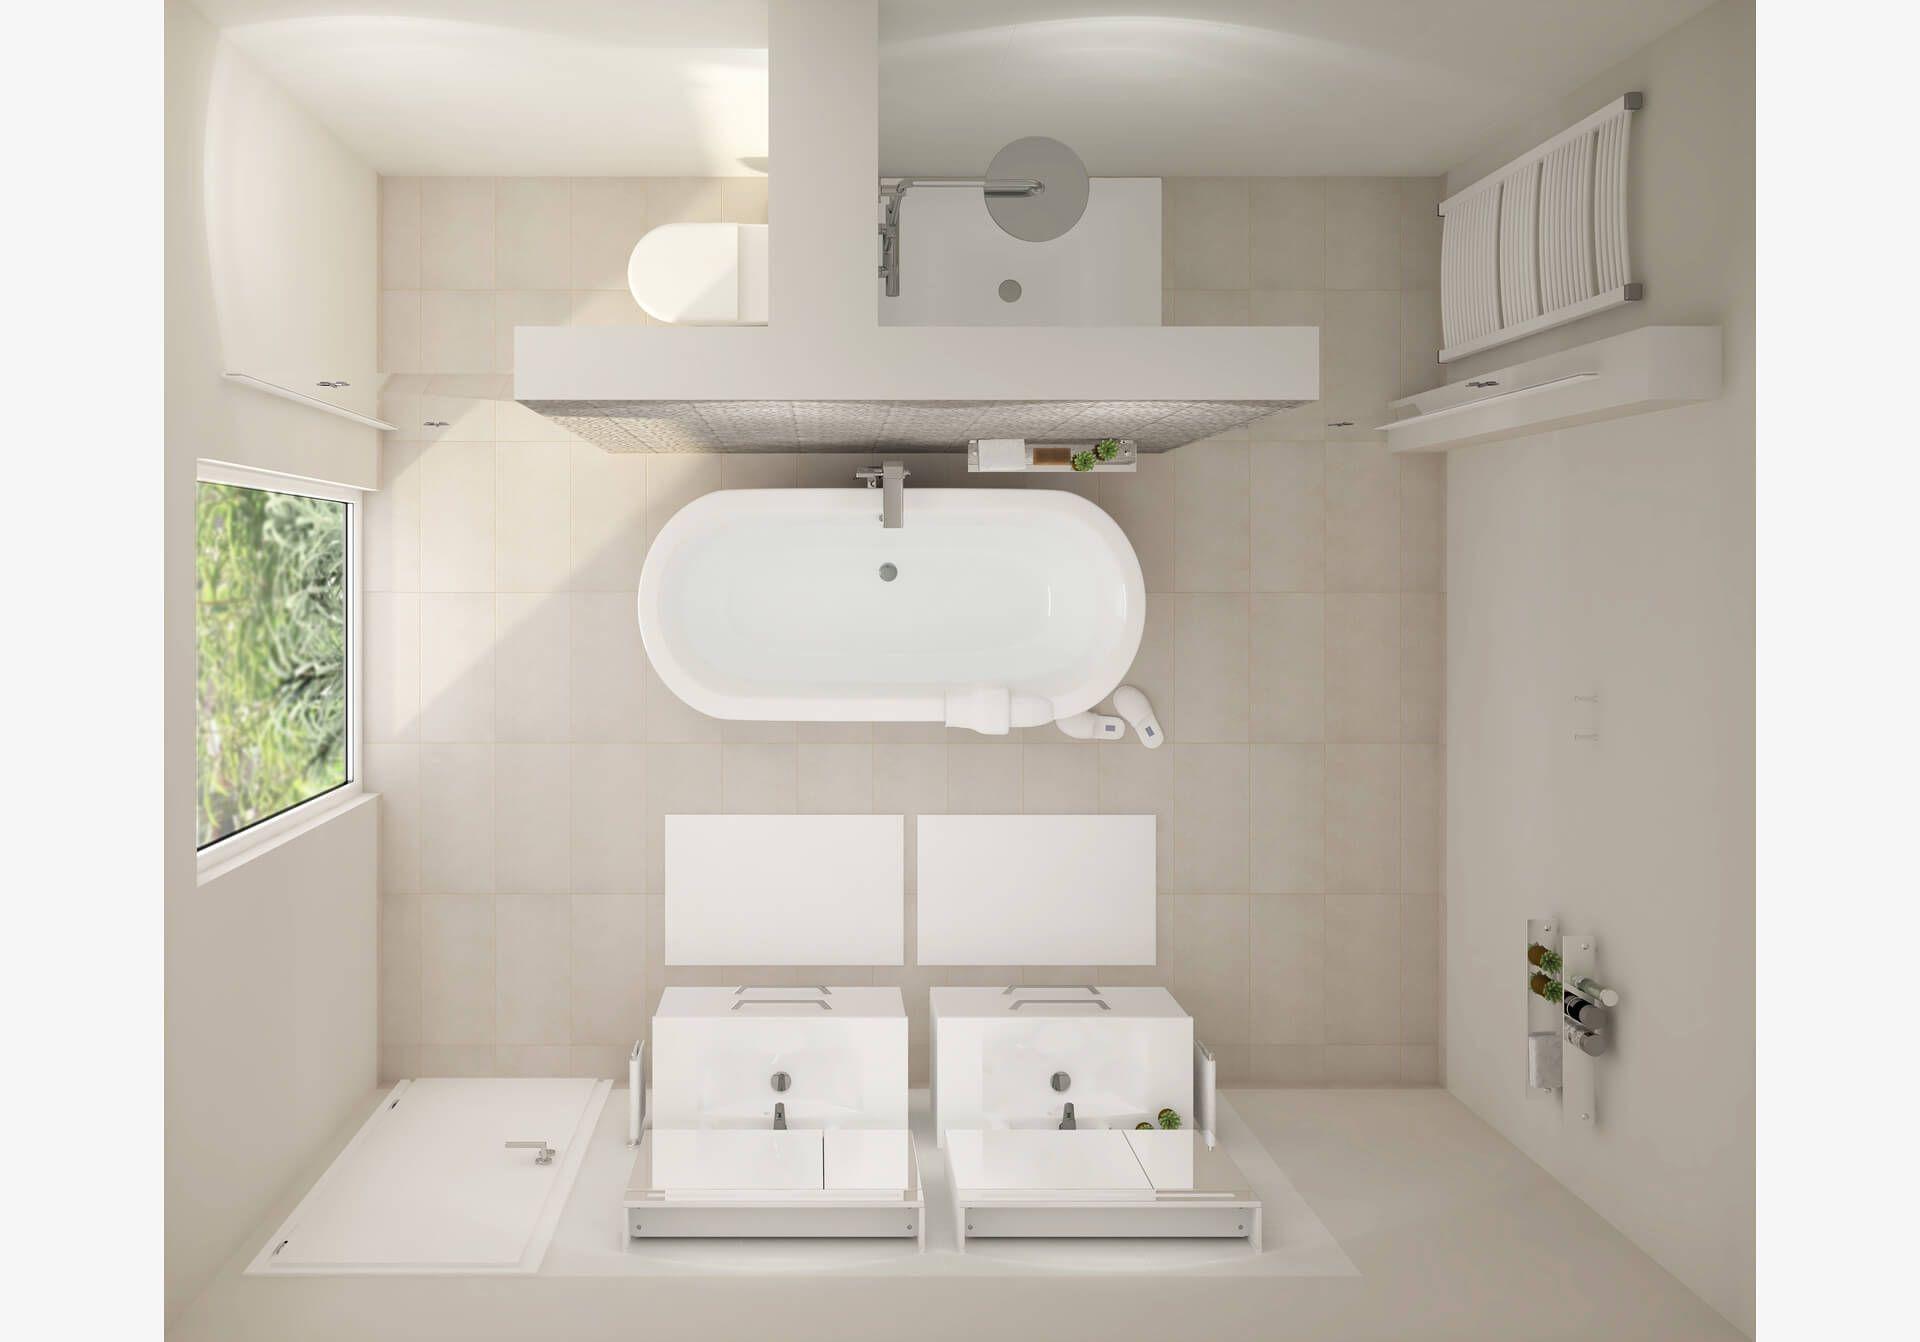 Badplaner Jetzt Badezimmer Planen Mit Obi Helle Badezimmer Badezimmer Planen Badezimmer Grundriss